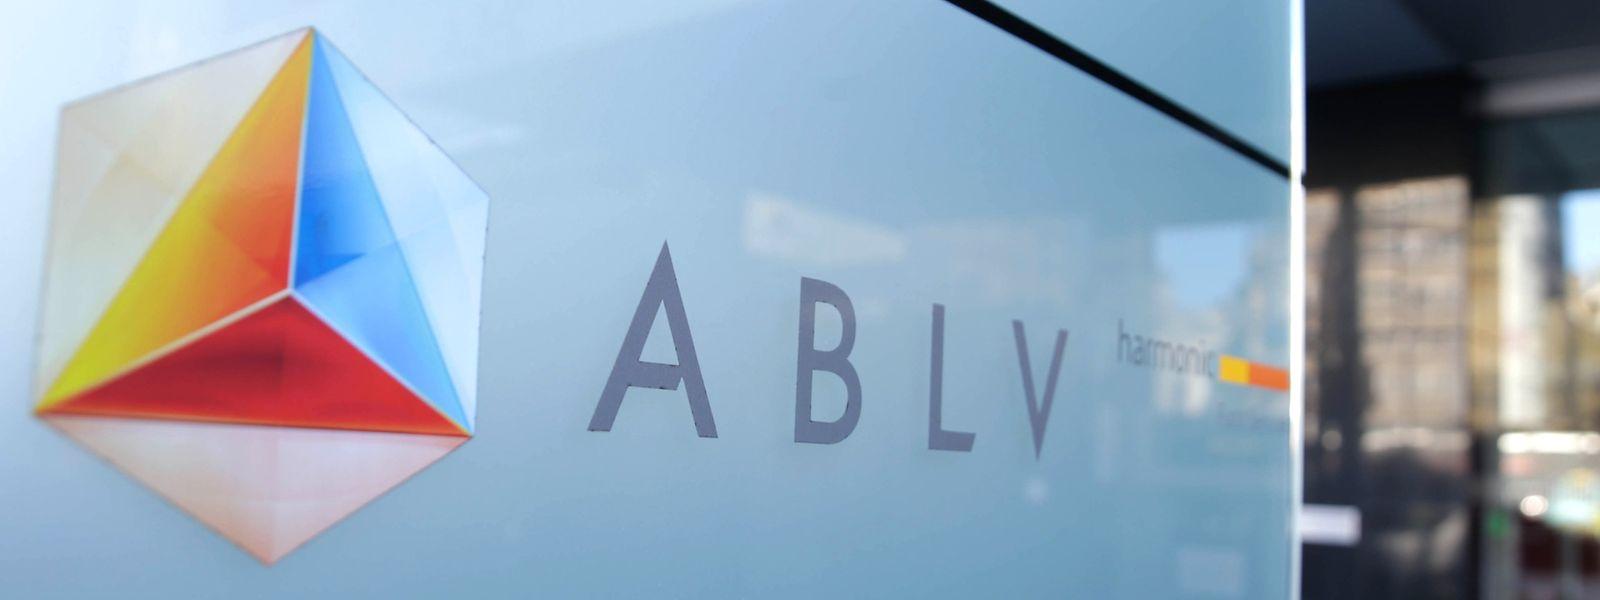 Die ABLV ist Lettlands drittgrößte Bank und mit einer Tochter in Luxemburg vertreten.